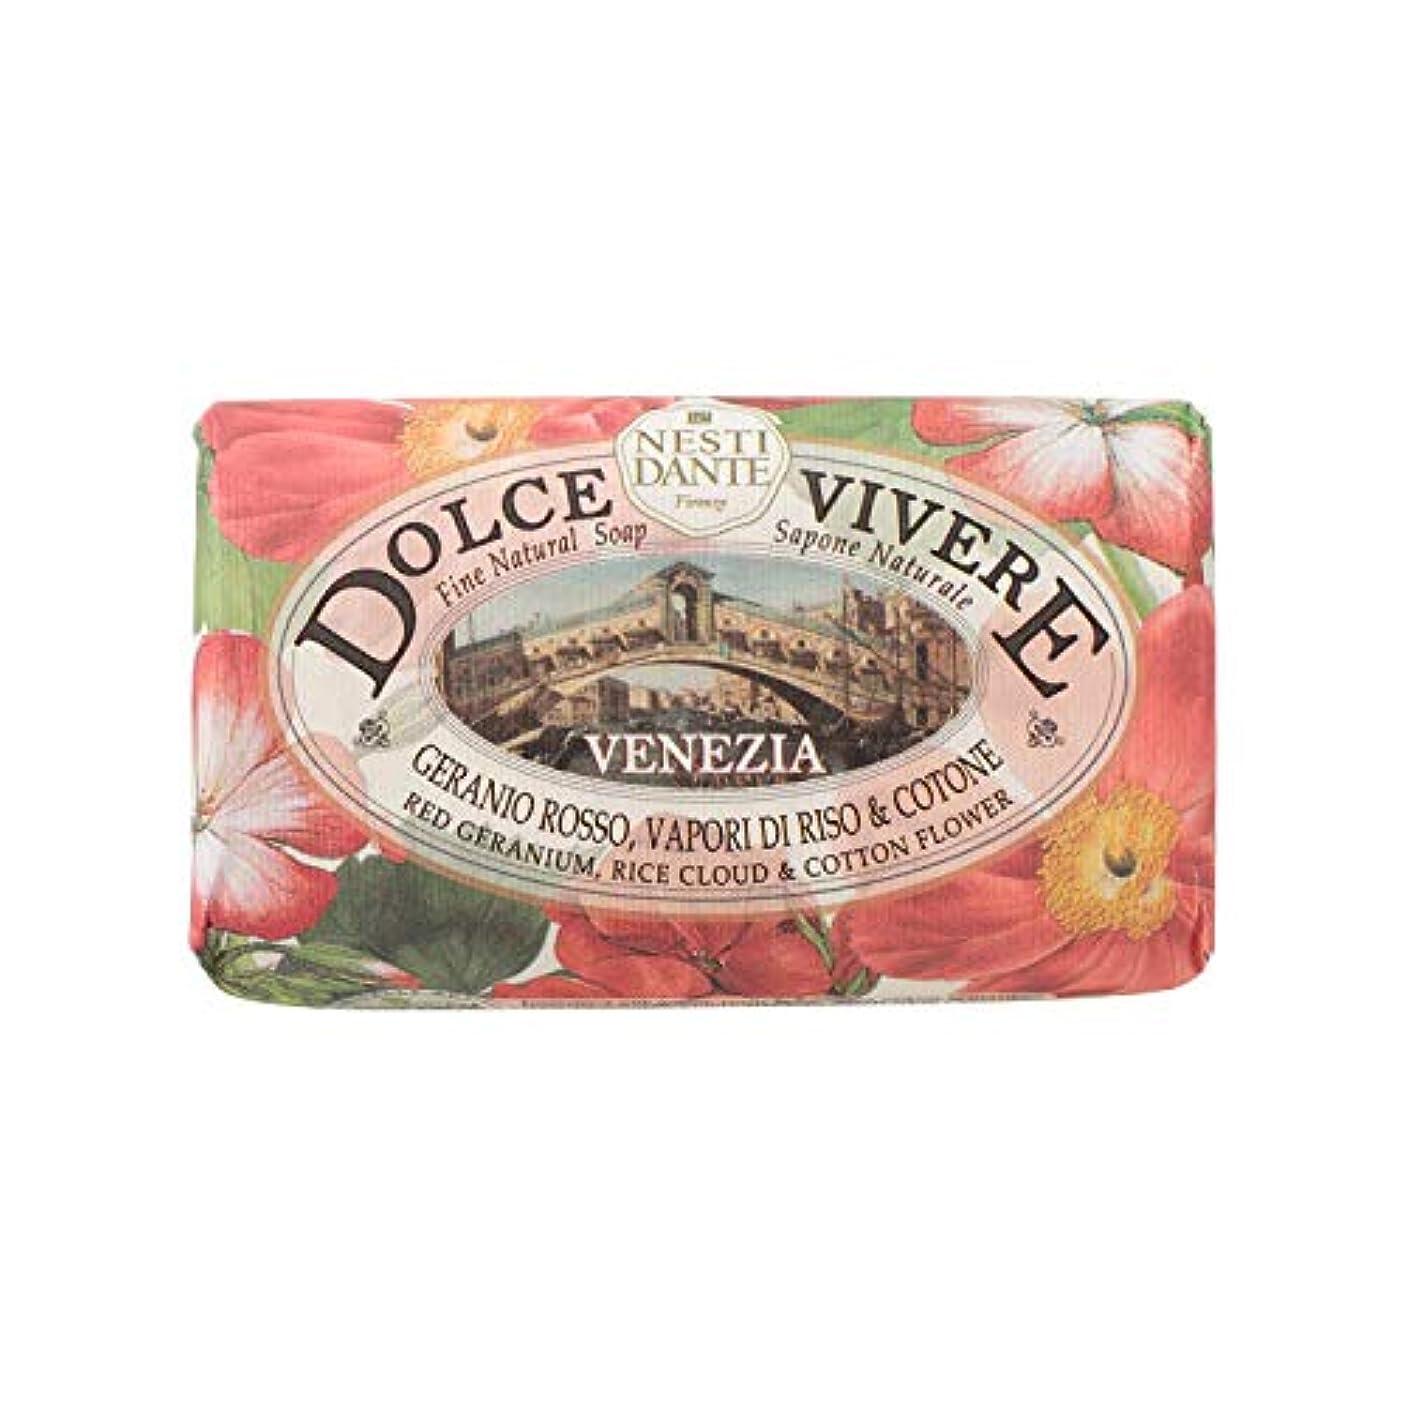 人類ブルプロフェッショナルNesti Dante ネスティダンテ ドルチェヴィーベレソープ ヴェネツィア 250g